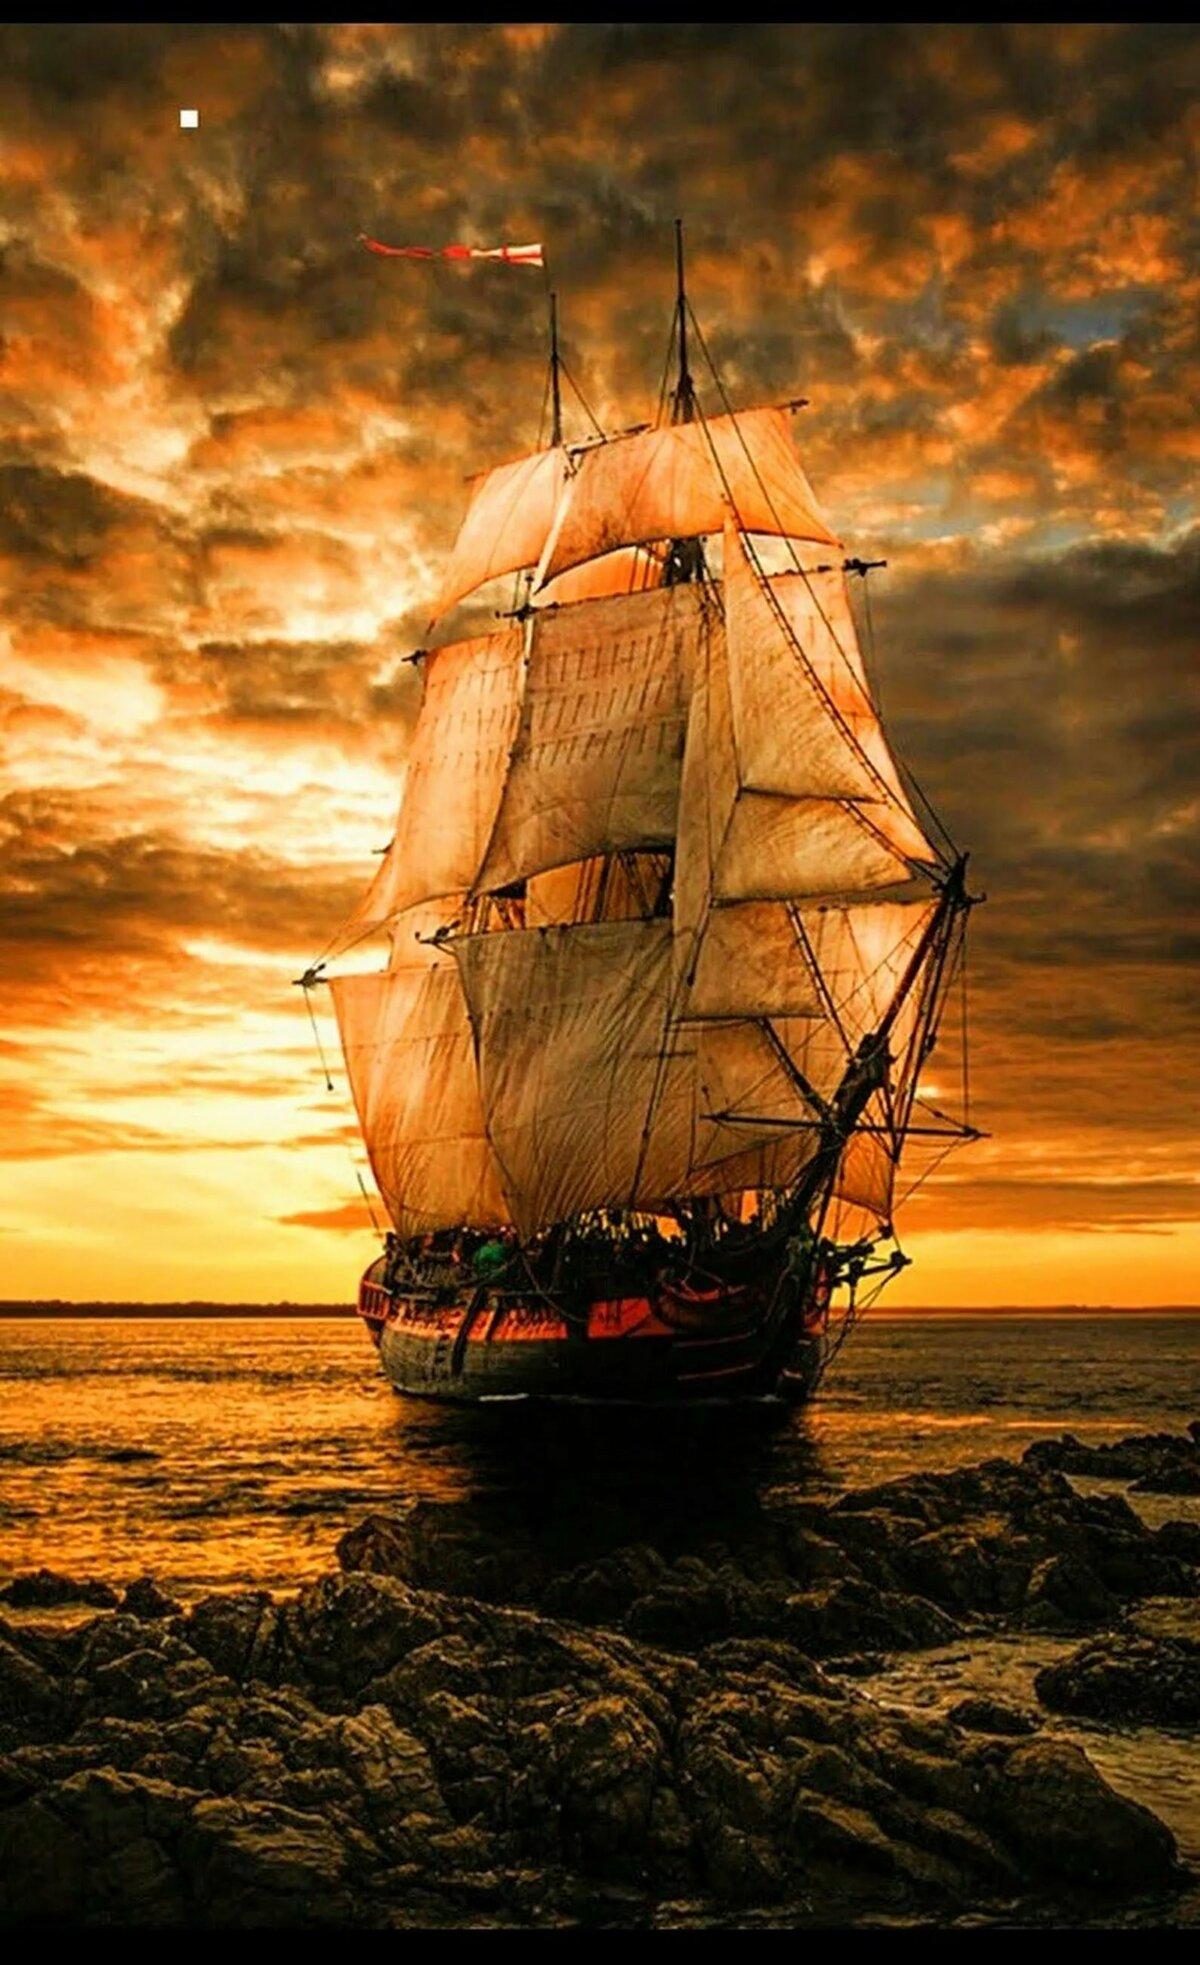 ниши картинки корабли парусные корабли возлюбленный равшаны скрывает